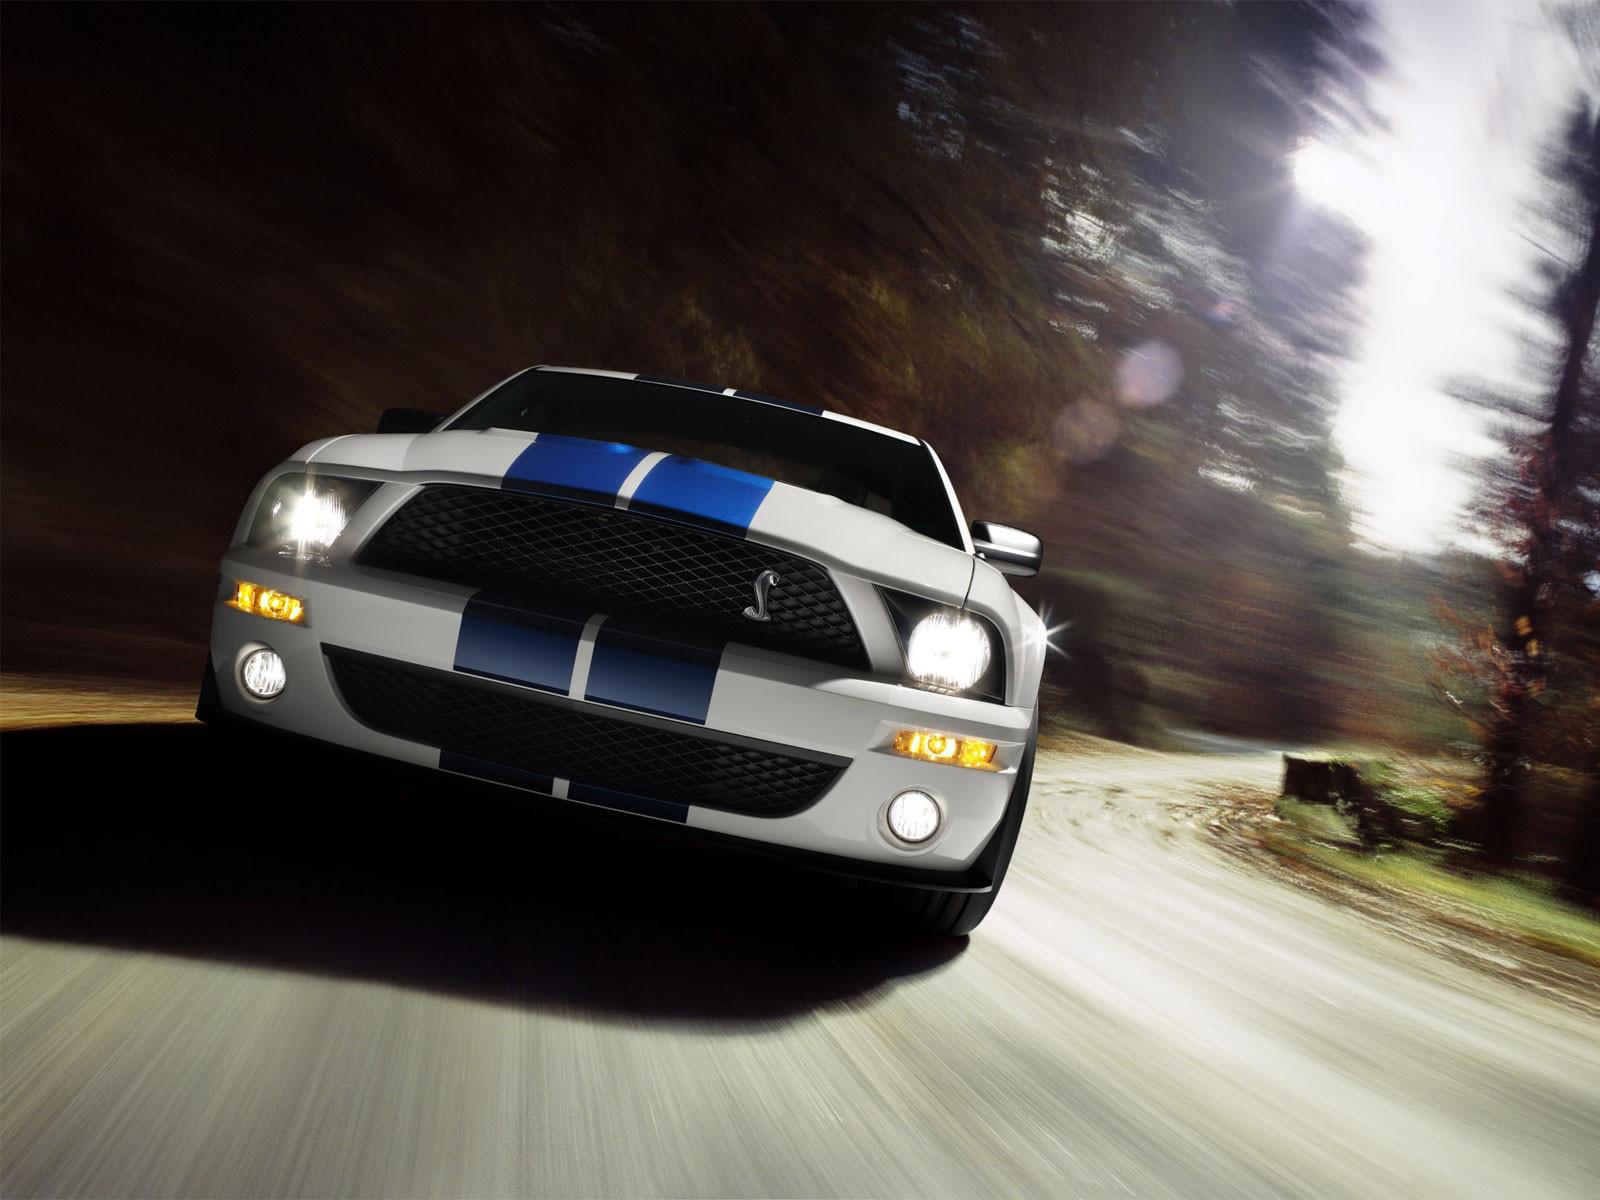 http://1.bp.blogspot.com/-dkdZCH62WdA/T-MoQGTDC6I/AAAAAAAAA9A/agv5KLcu0sQ/s1600/Full+High+Quality+Cars+HDWallpaperssu.blogspot.com+(14).jpg